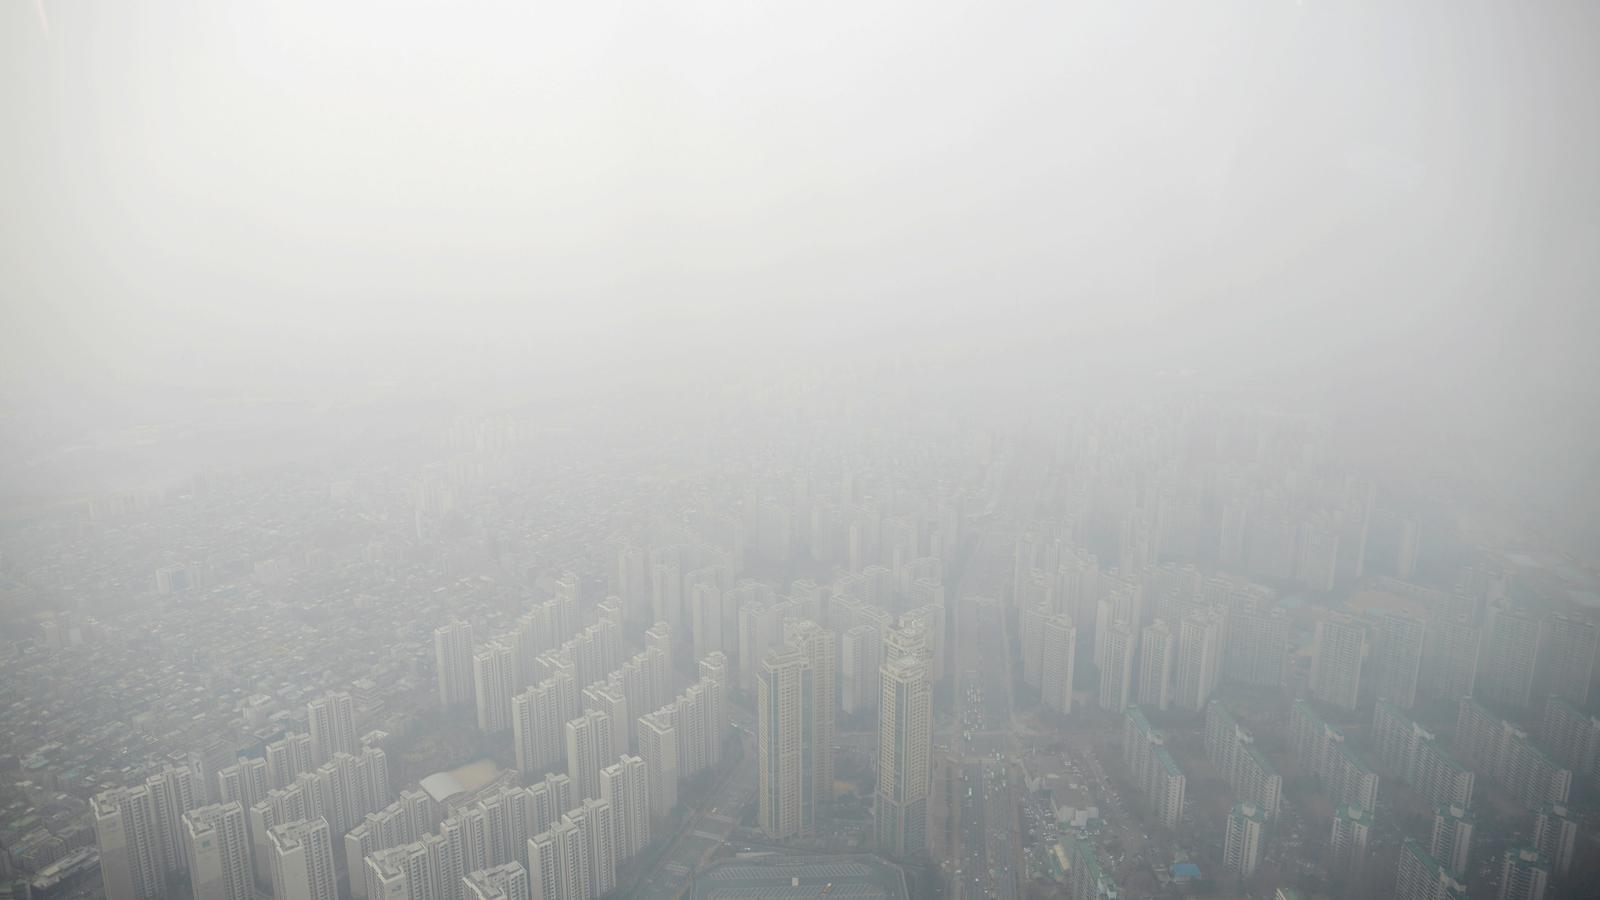 La contaminació de l'aire provoca cada any prop de 7 milions de morts al món